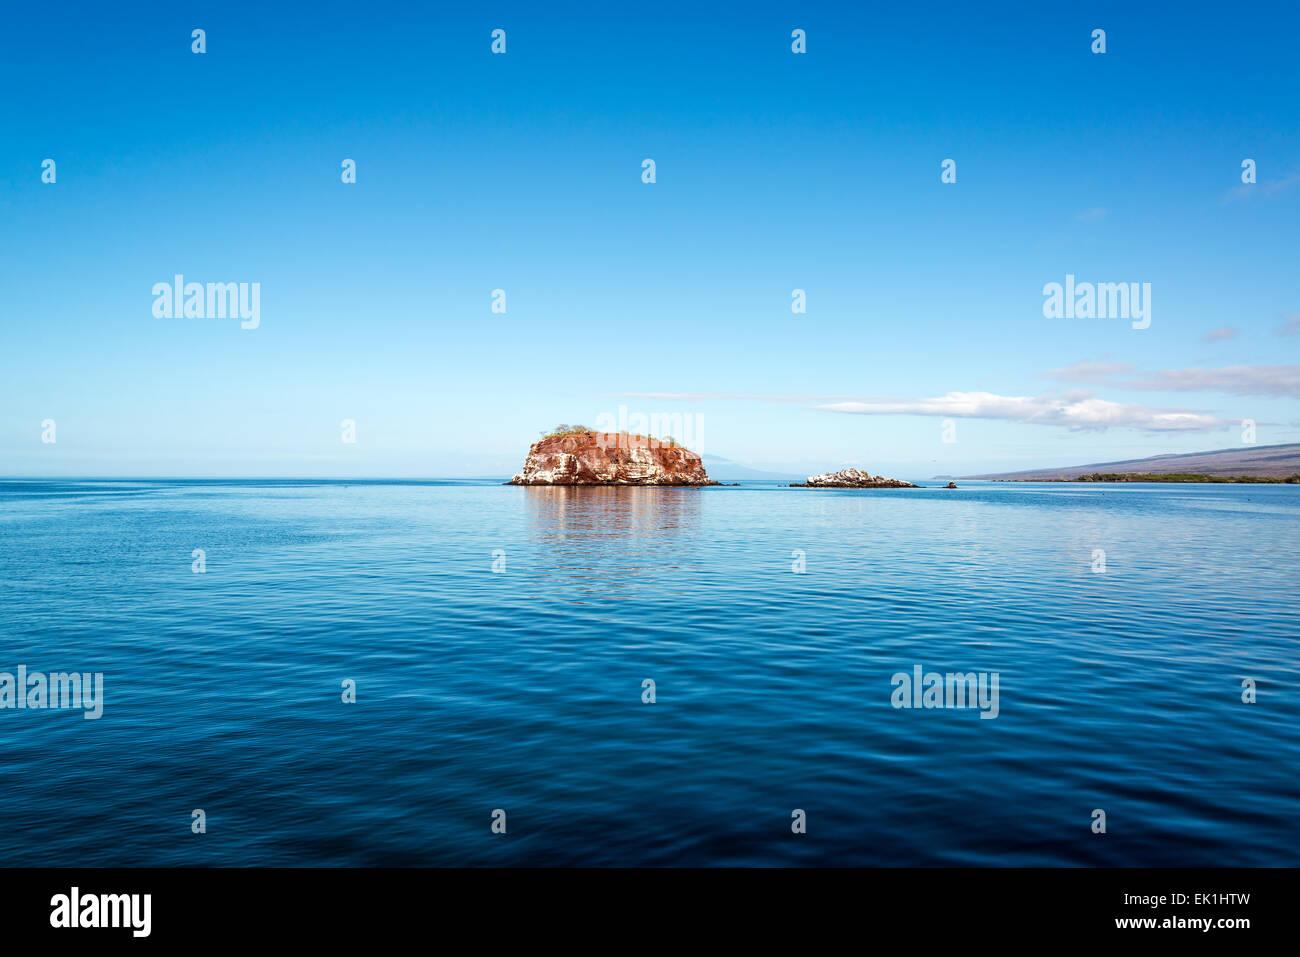 Los pequeños estados insulares y azules aguas profundas frente a las costas de la isla Isabela, en las Islas Imagen De Stock